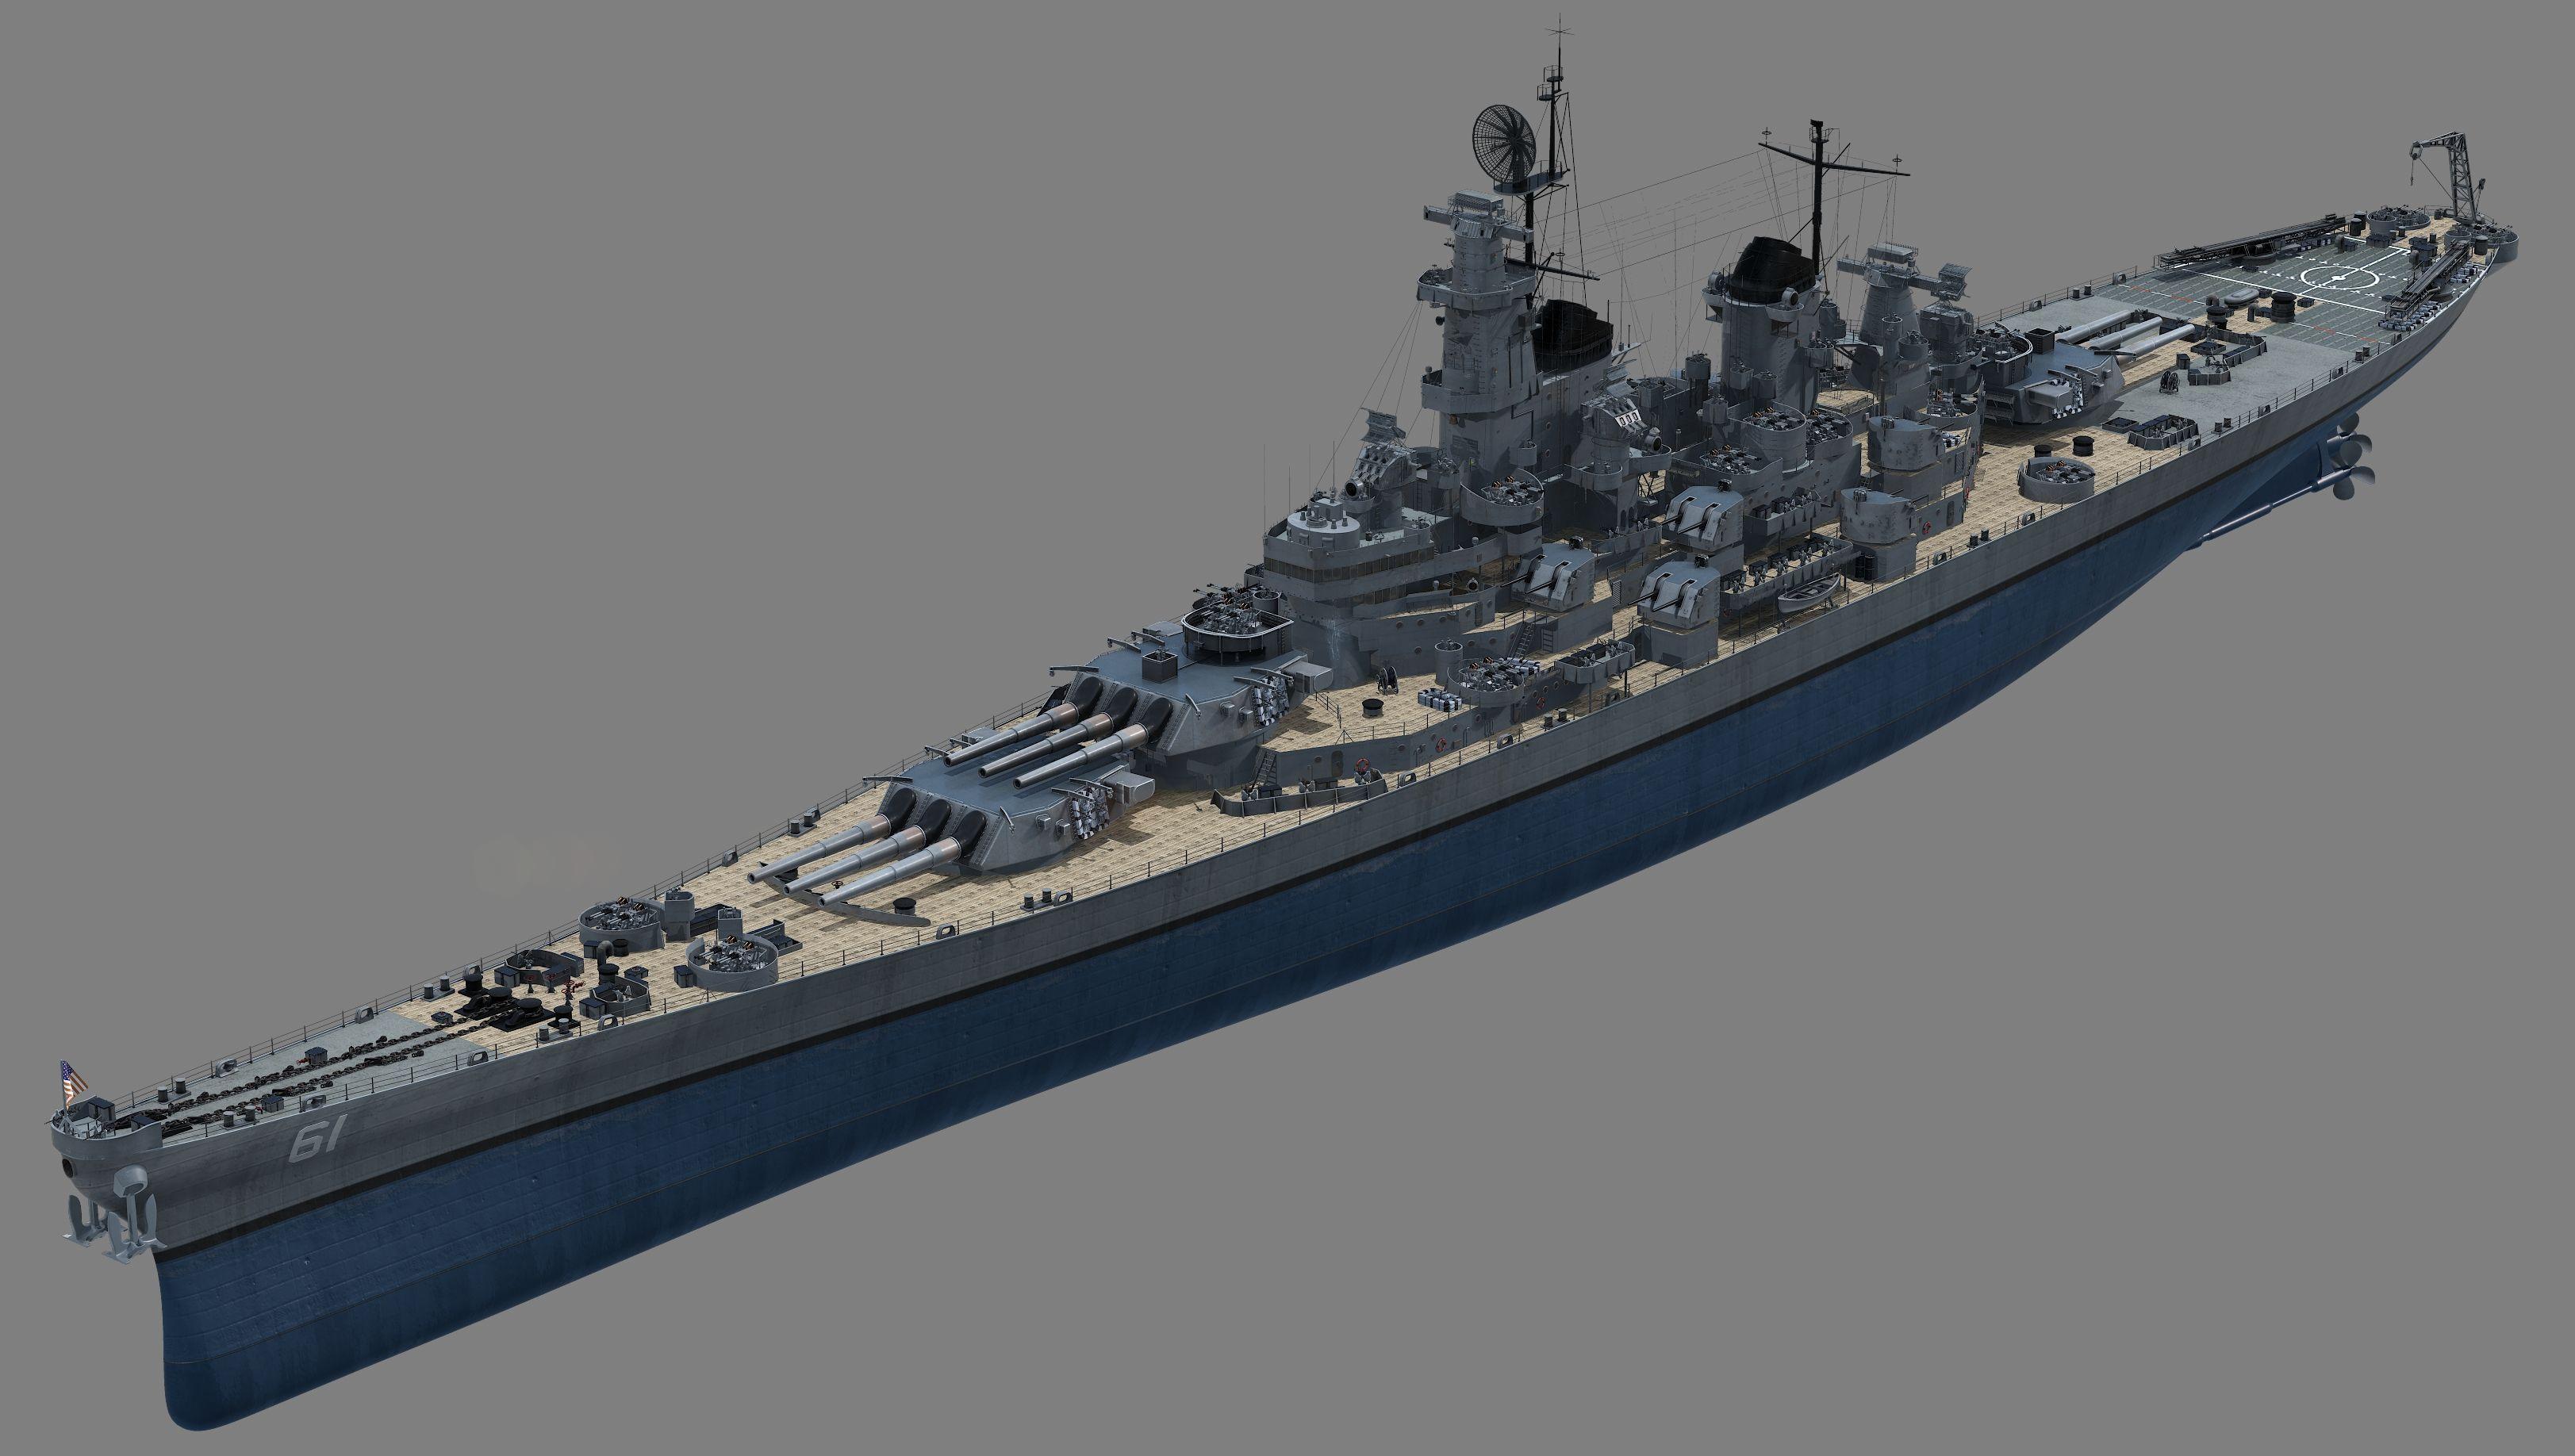 Pin de diStefan en USS BB-61 Class Iowa Battleship | Pinterest